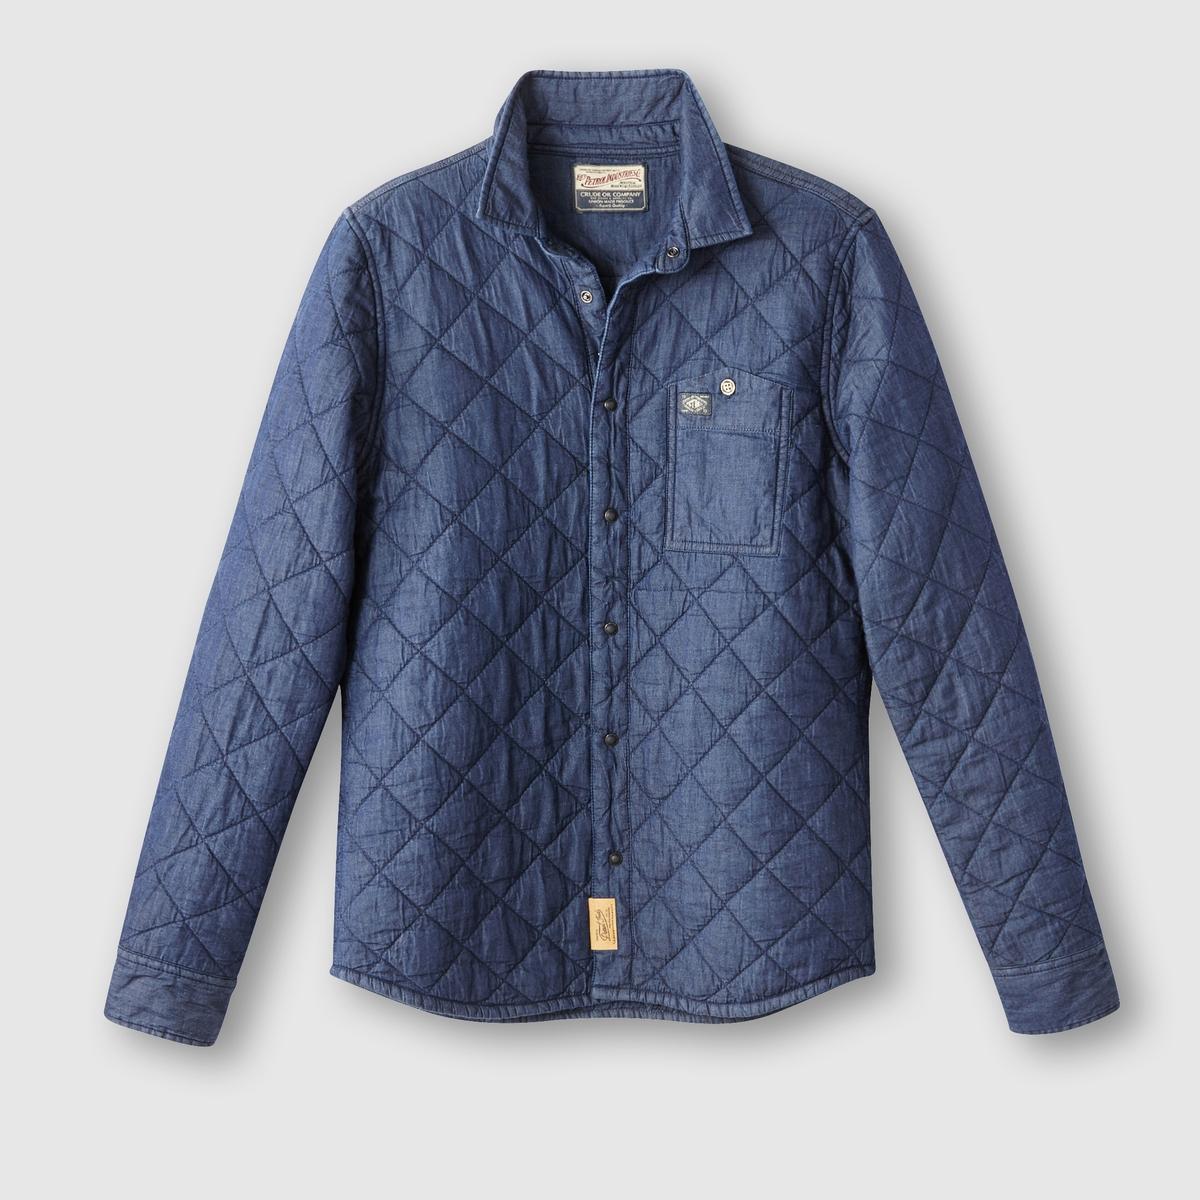 Рубашка с длинными рукавамиРубашка с длинными рукавами, PETROL INDUSTRIES.  Прямой покрой, воротник со свободными уголками . Декоративная простежка. Застежка на кнопки. Нагрудный карман с логотипом. Кнопки на манжетах, слегка закругленный низ.Состав и описаниеМатериал : 100% хлопкаМарка : PETROL INDUSTRIES<br><br>Цвет: темно-синий